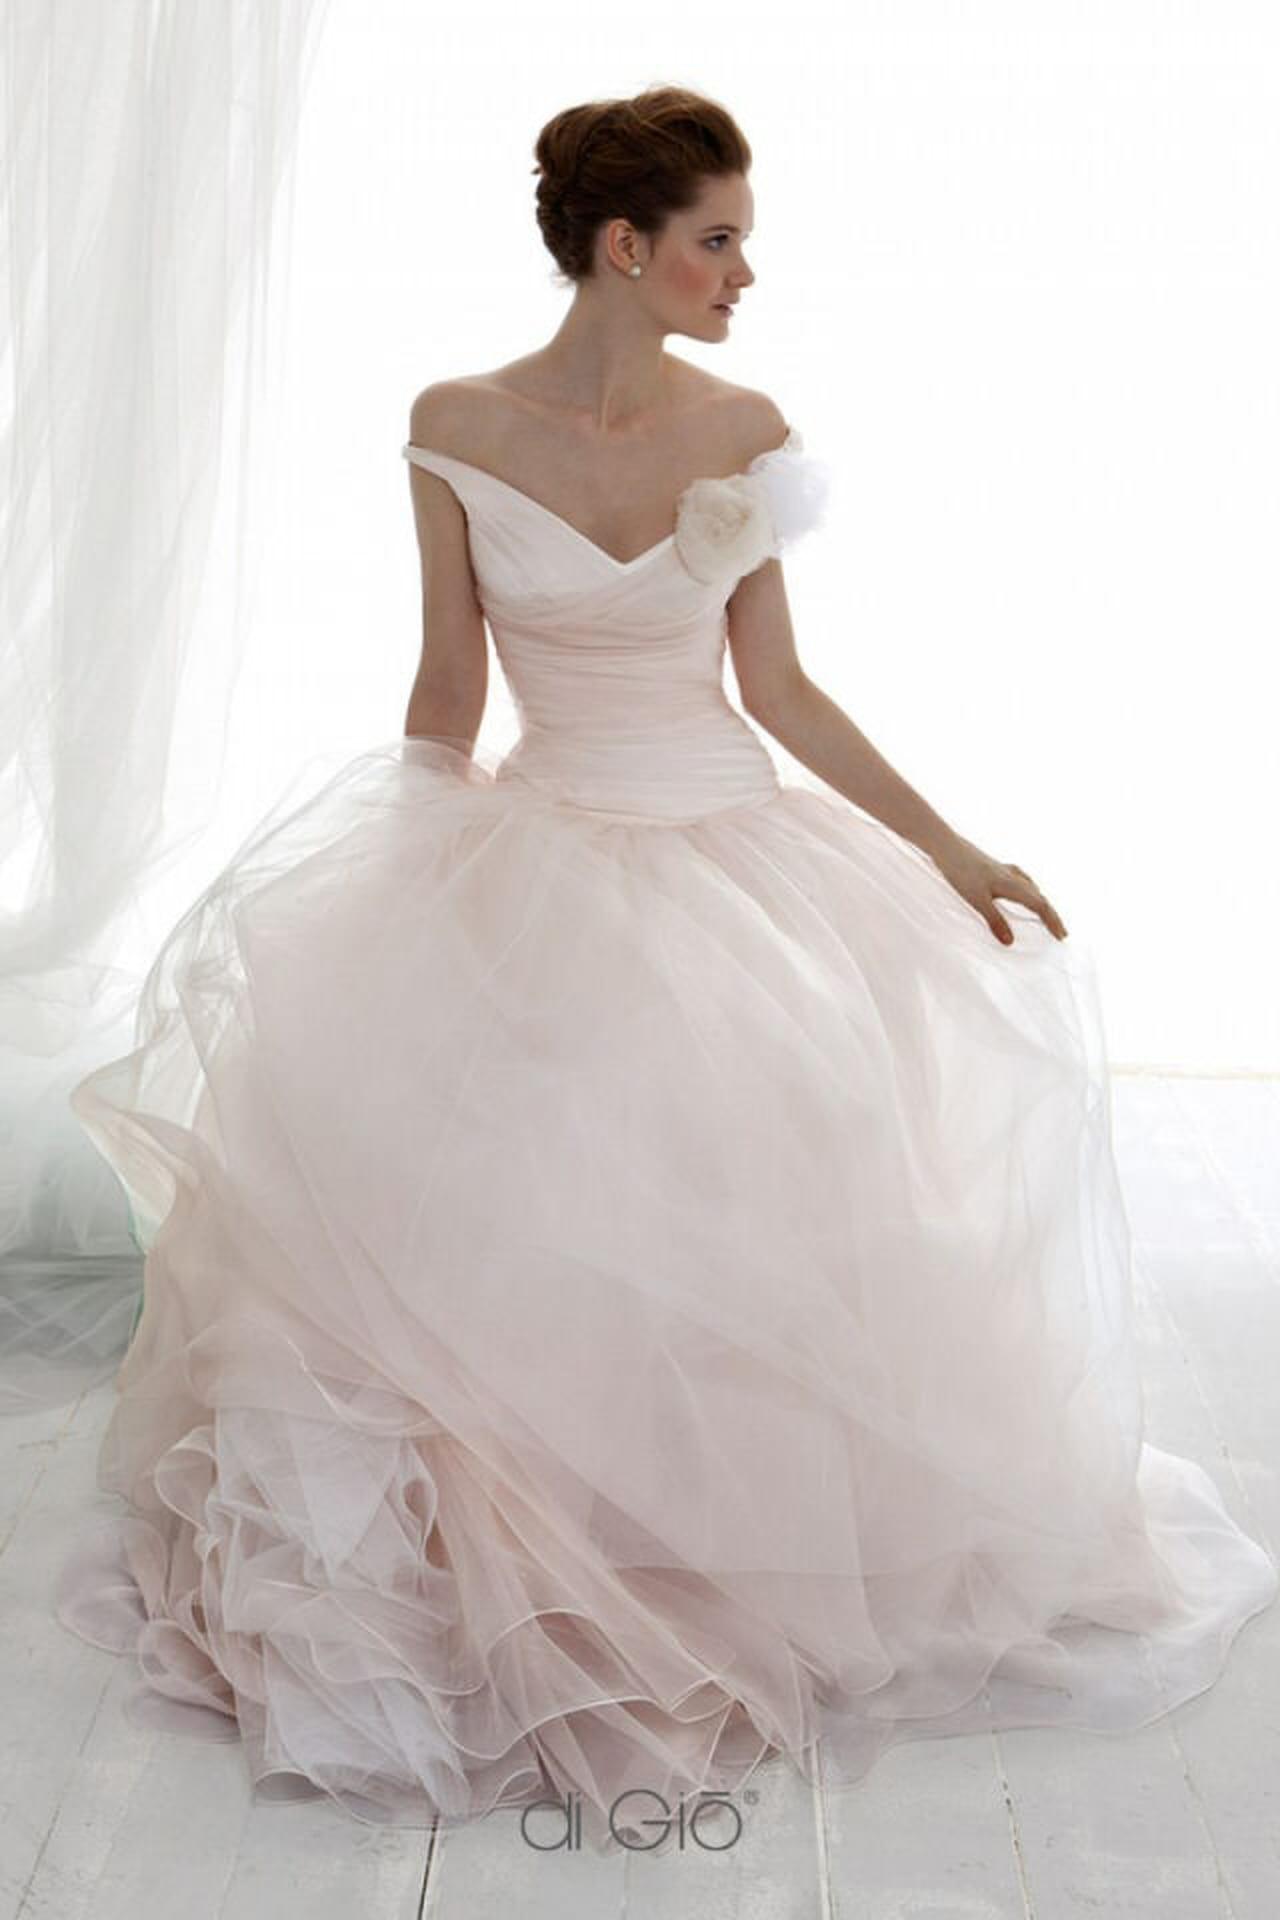 Abiti la sposa di gio'